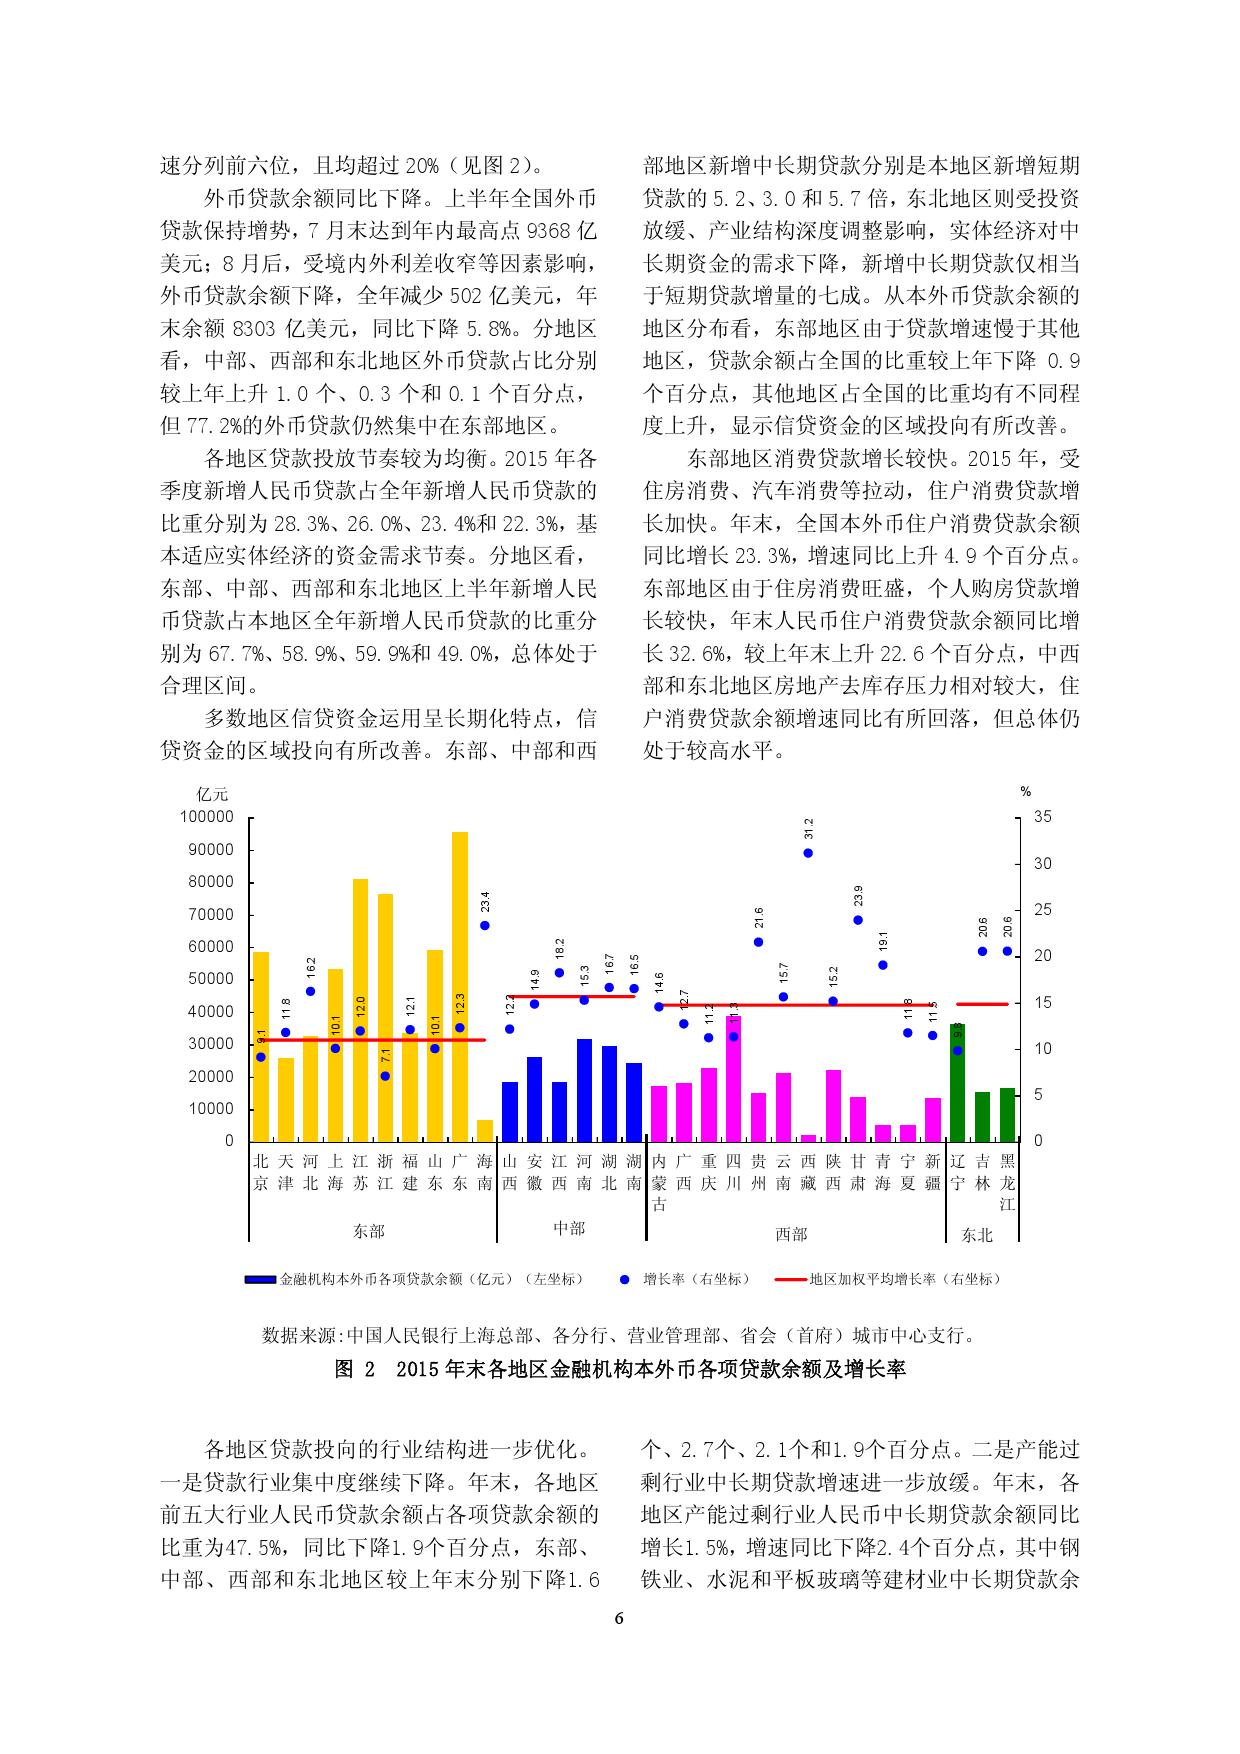 2015年中国区域金融运行报告_000009